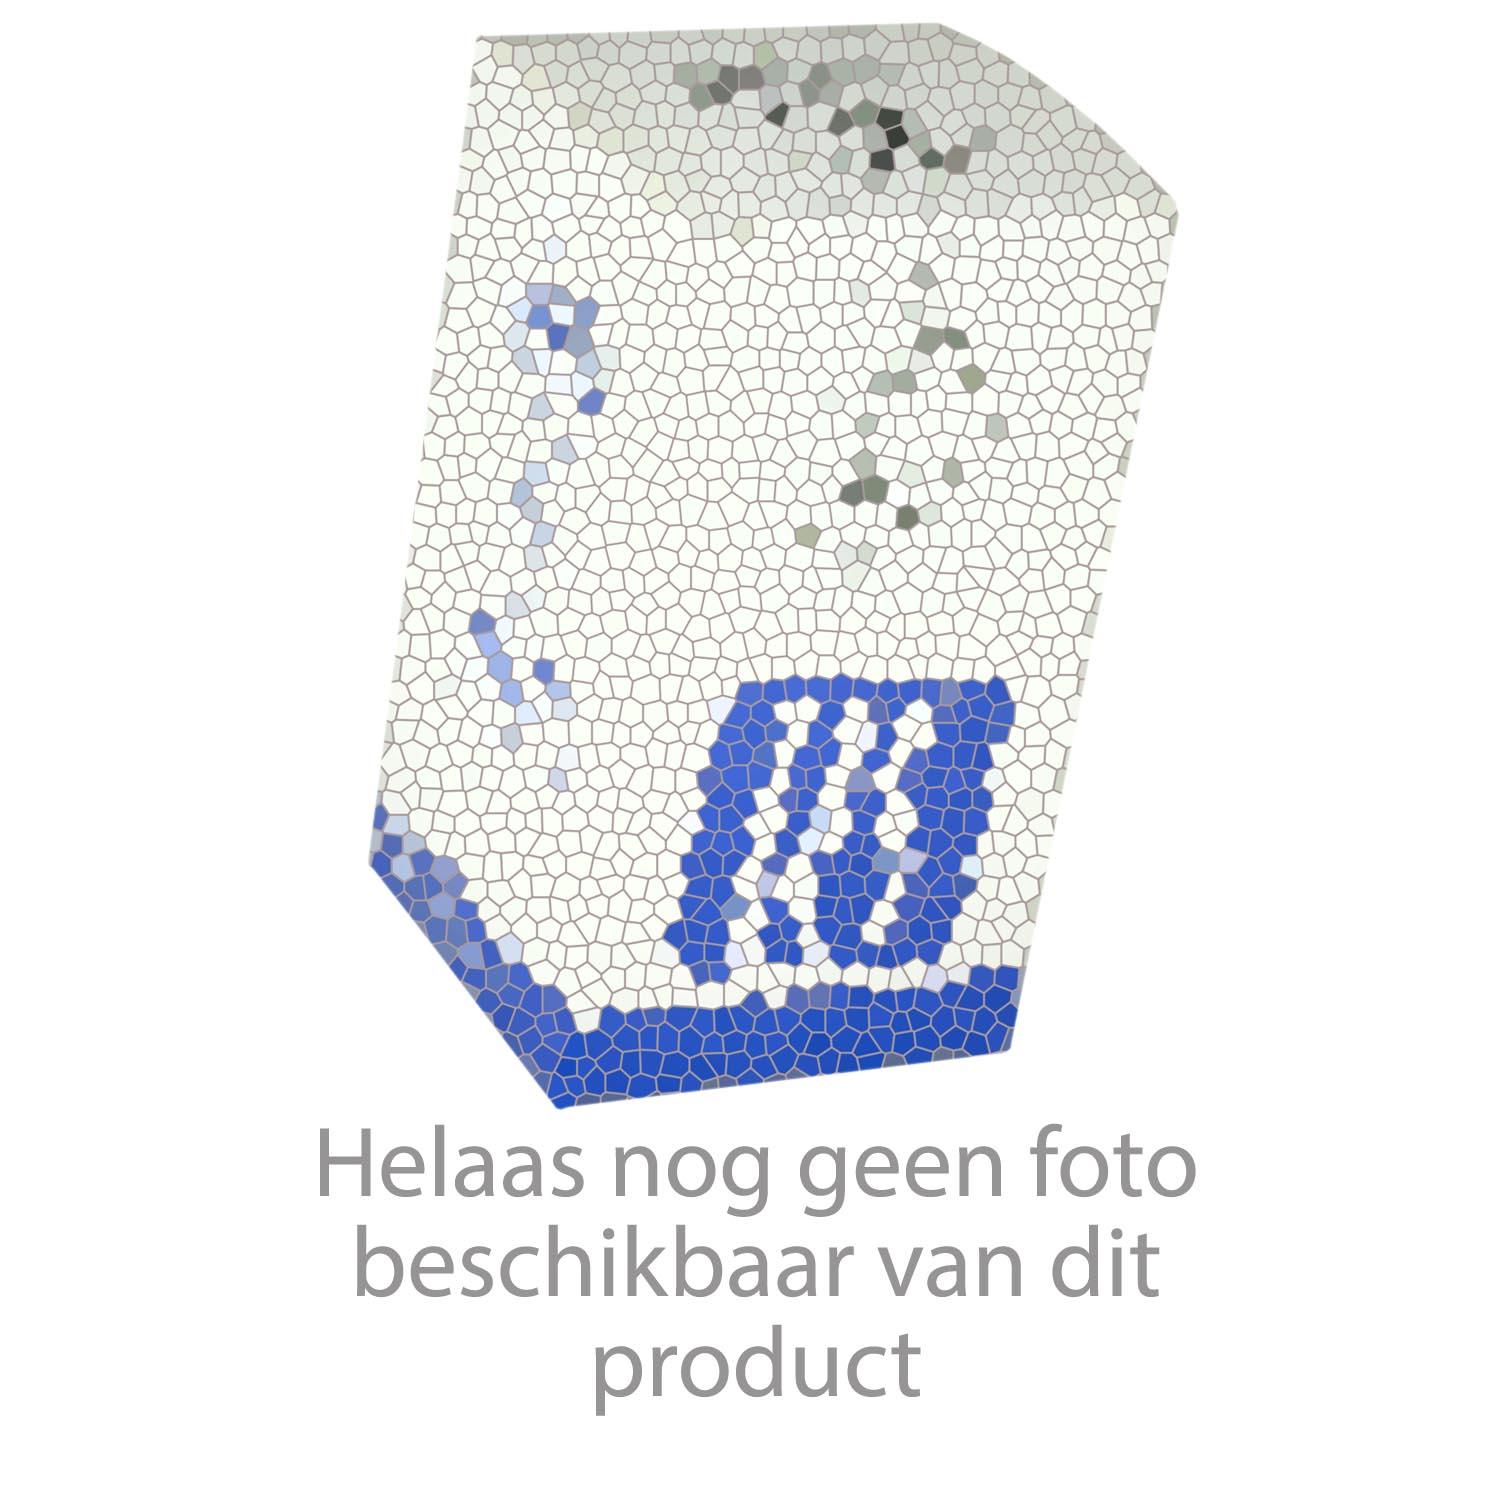 Vola Inbouwthermostaat met 3-weg omstel, handdouche, regendouche en 2 zijdouches. Geborsteld Chroom